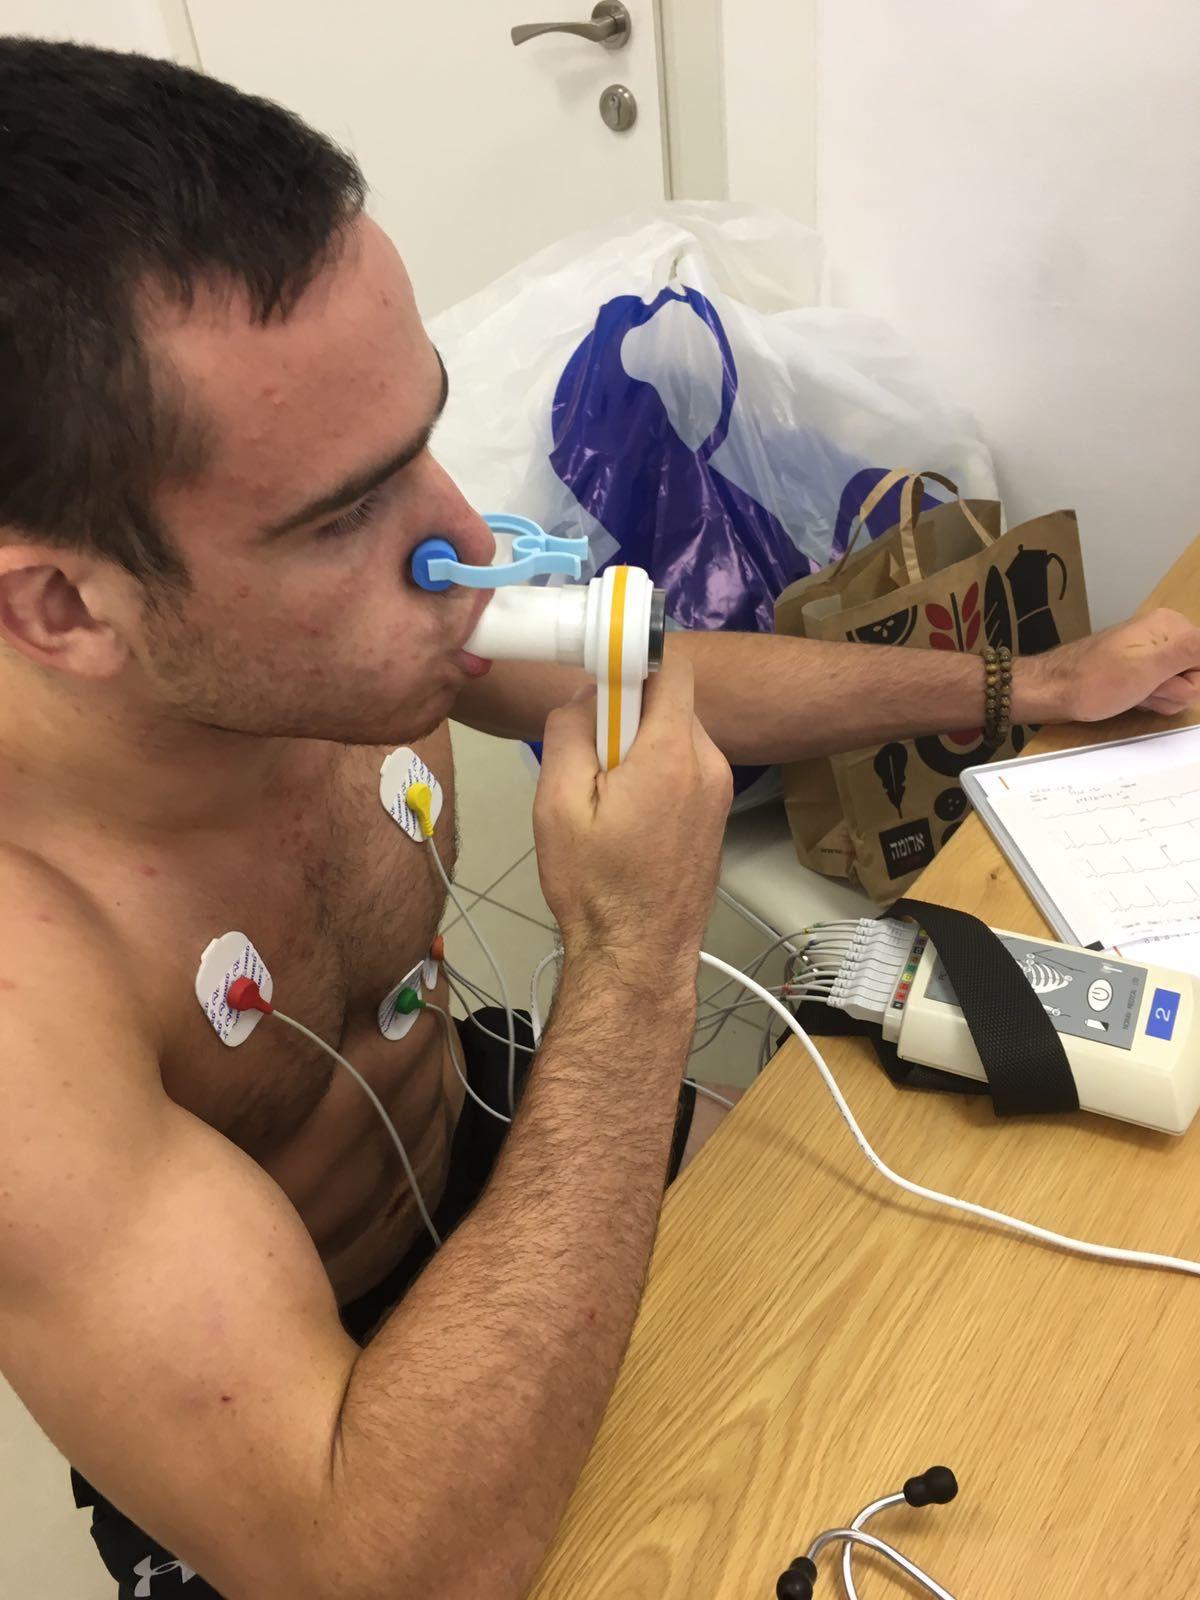 בדיקת תפקודי נשימה במאמץ